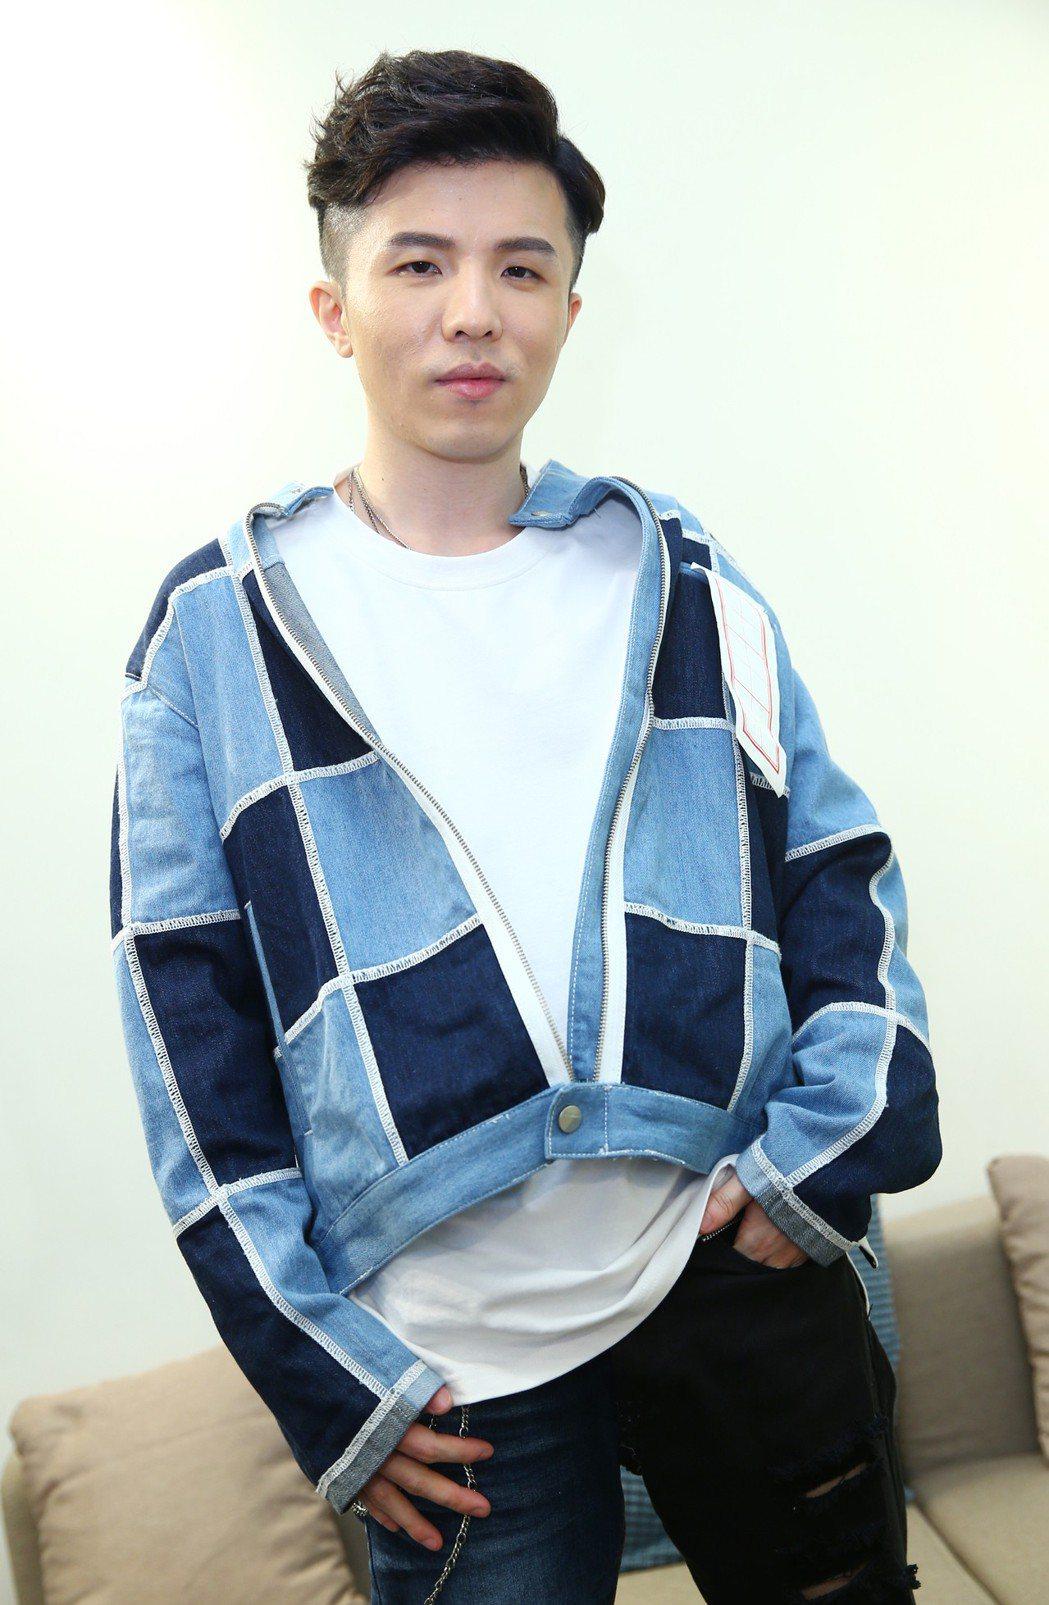 小宇沉潛5年,再度以「同在」入圍今年金曲獎最佳男歌手獎。記者曾學仁/攝影